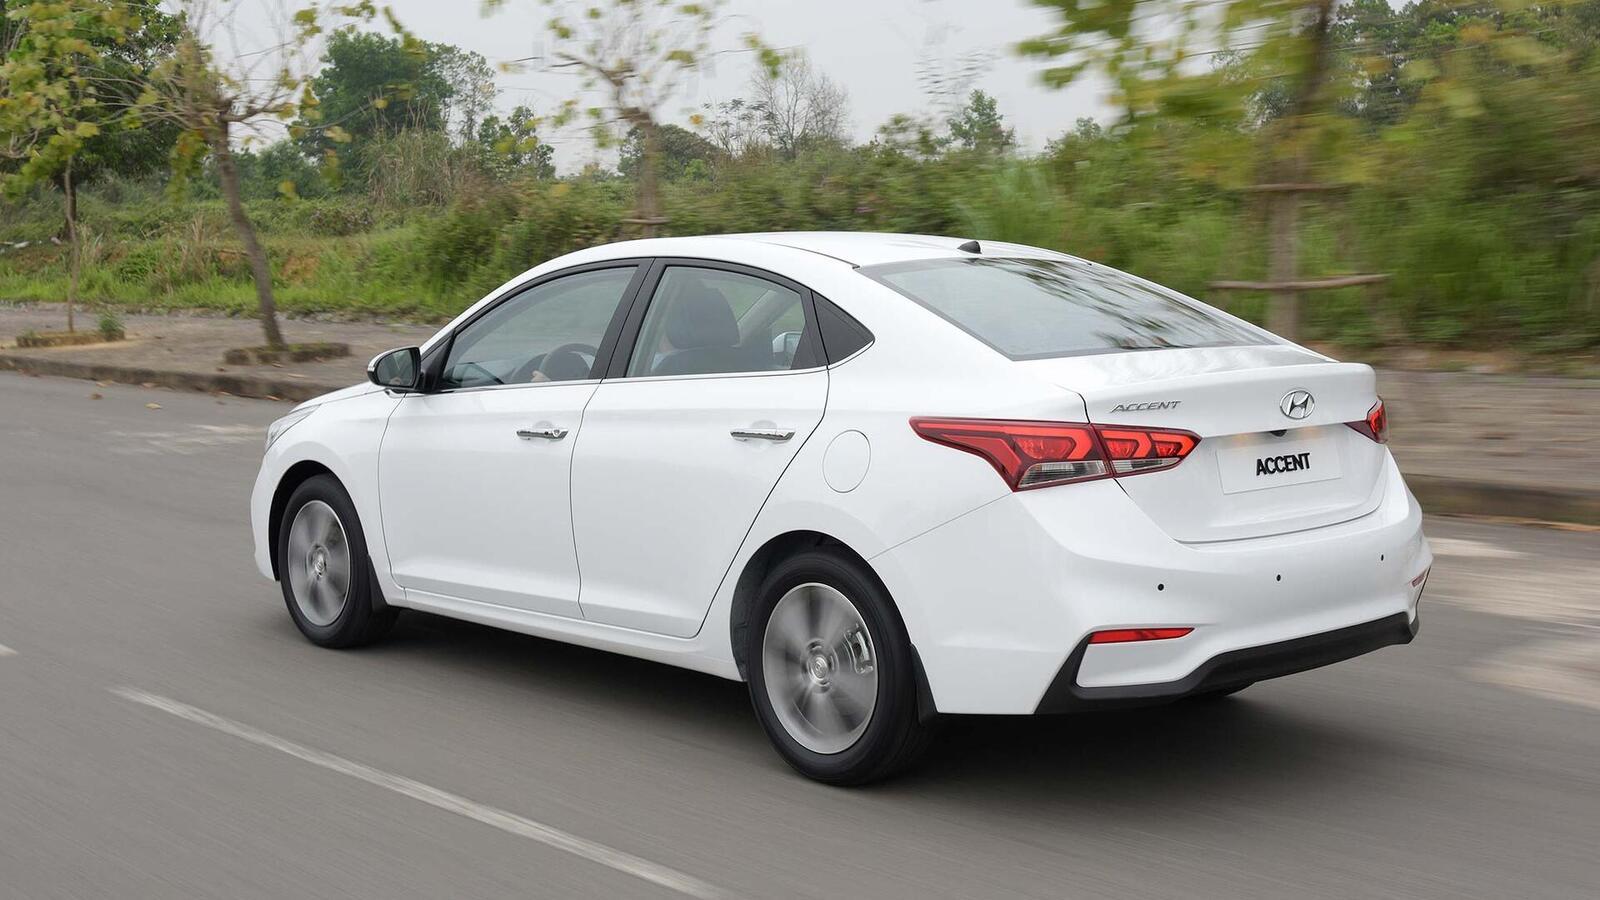 Hyundai công bố doanh số tháng 12/2018: Accent vẫn tiếp tục bán chạy hơn Grand i10 - Hình 1